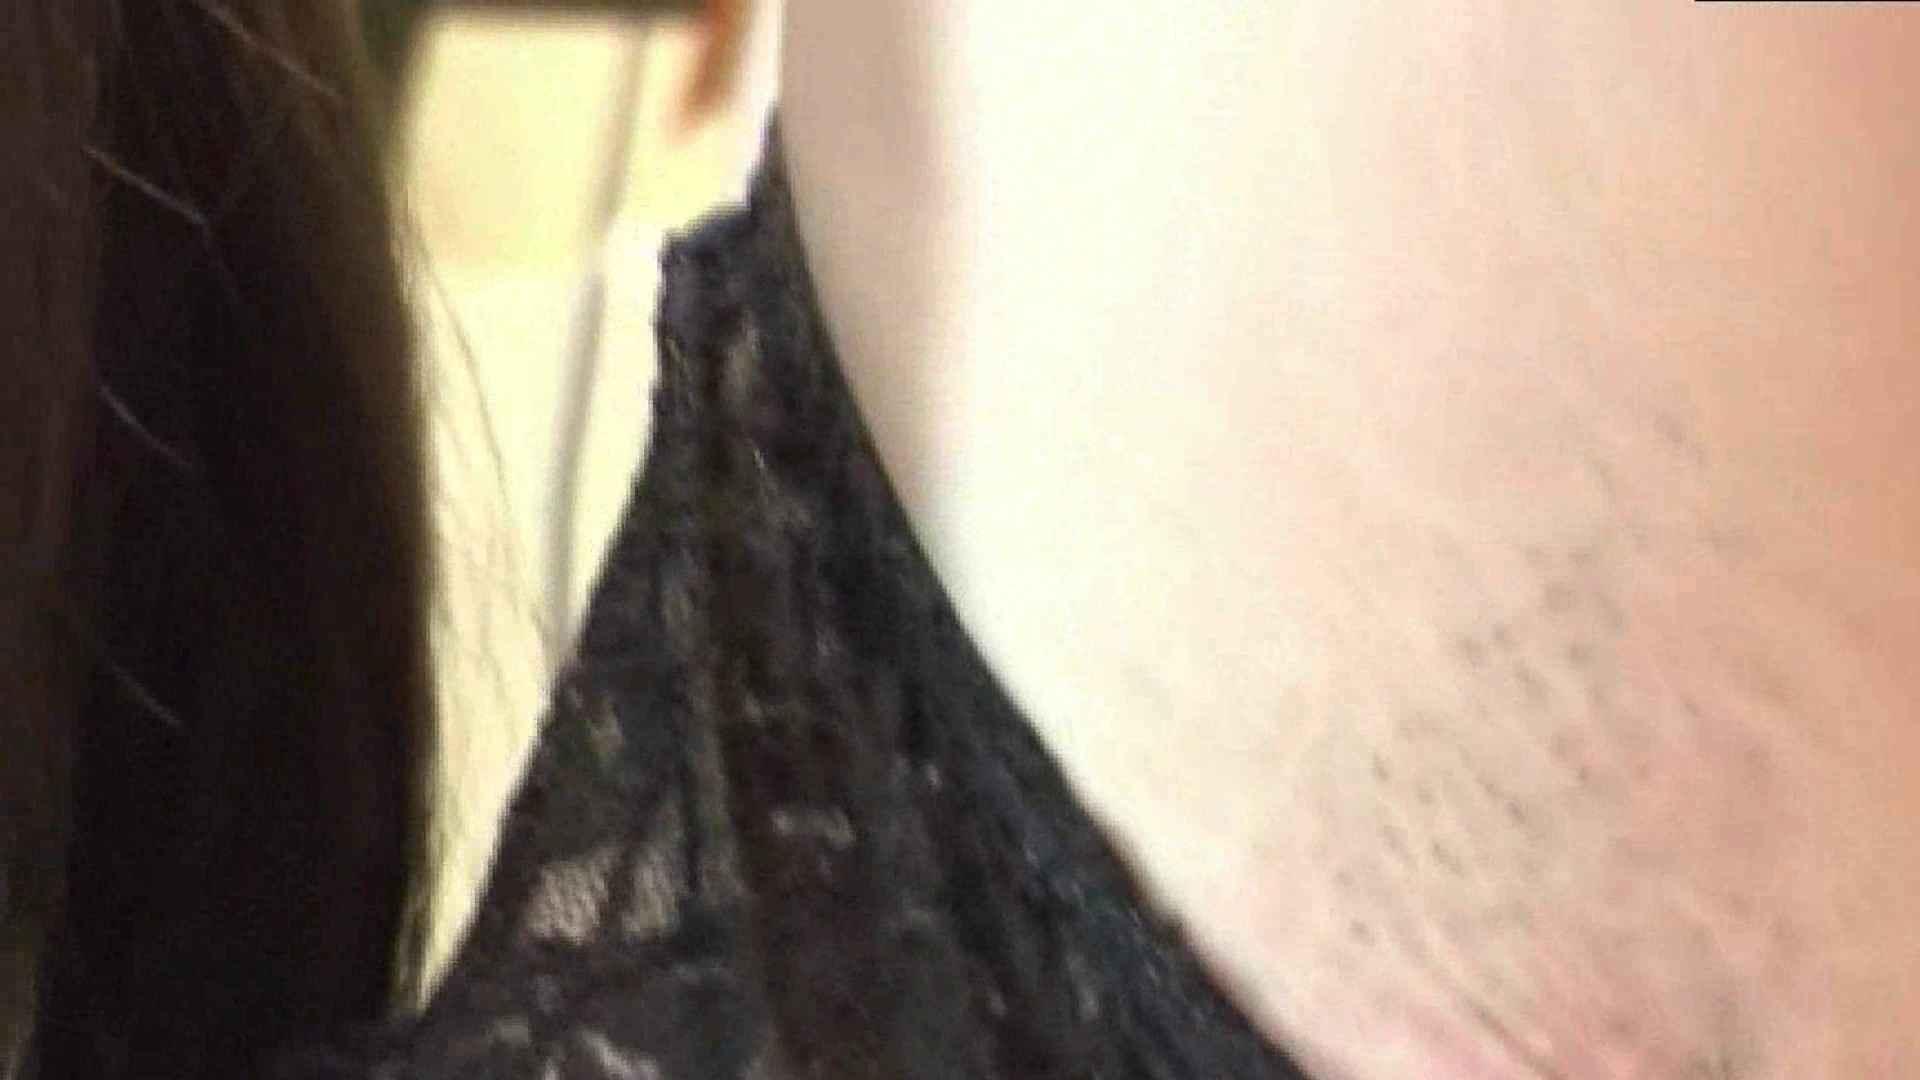 アヘ顔のわたしってどうかしら Vol.042 美女 セックス無修正動画無料 82枚 73